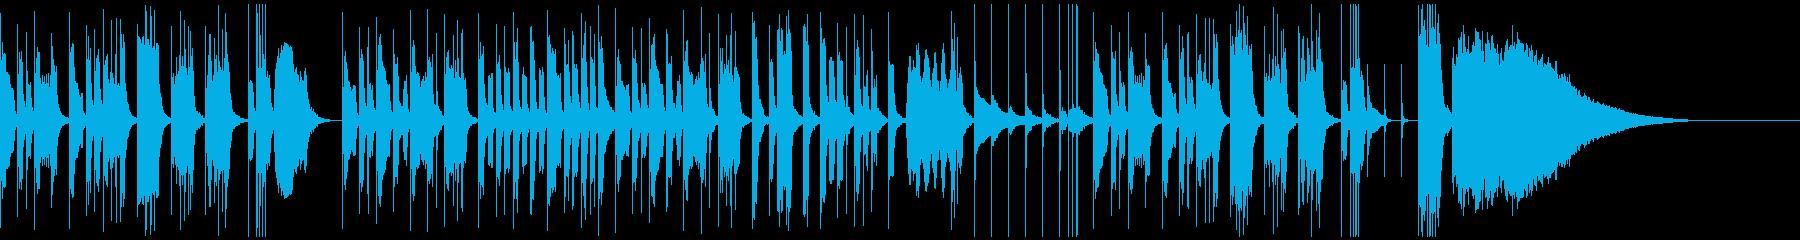 木管楽器と打楽器主体の気の抜けるような曲の再生済みの波形